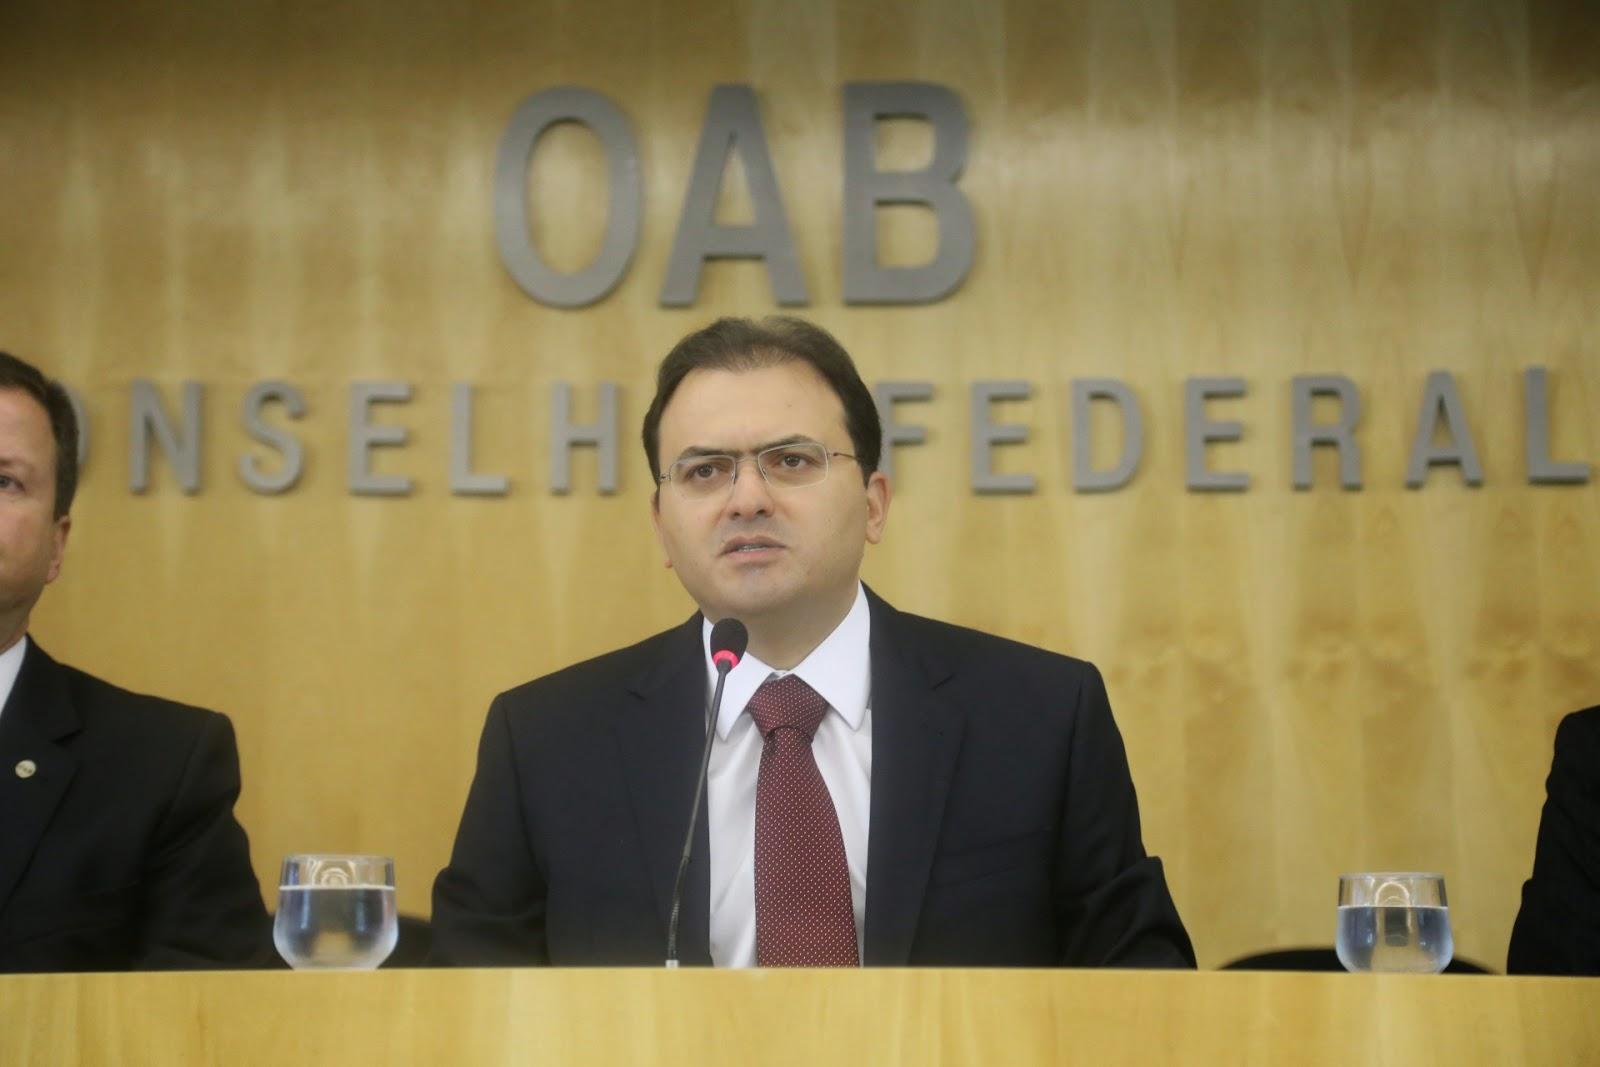 Combate à corrupção não pode ferir o processo legal, critica o presidente da OAB